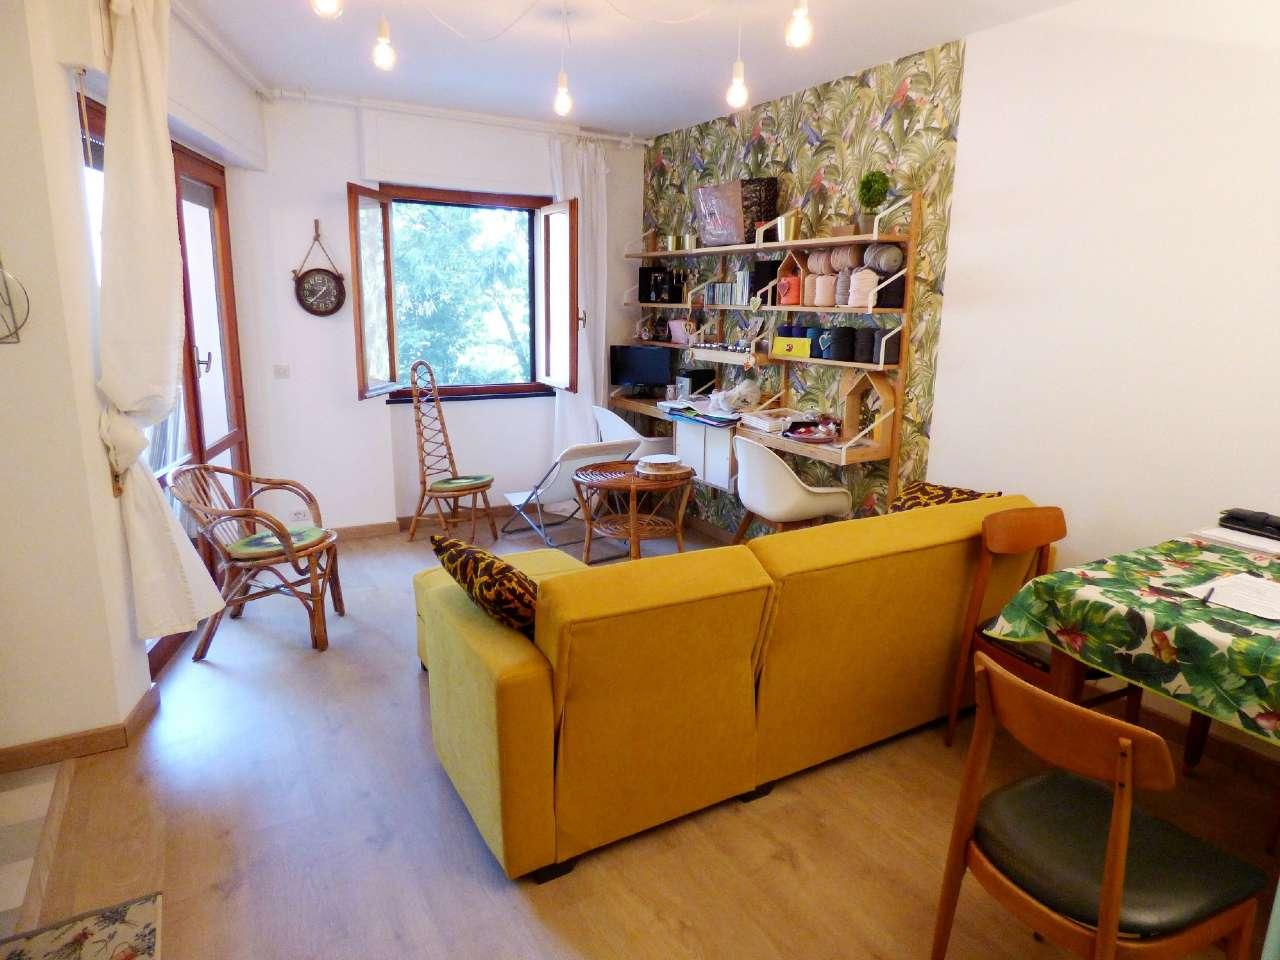 Appartamento in vendita a Moconesi, 3 locali, prezzo € 38.000 | PortaleAgenzieImmobiliari.it